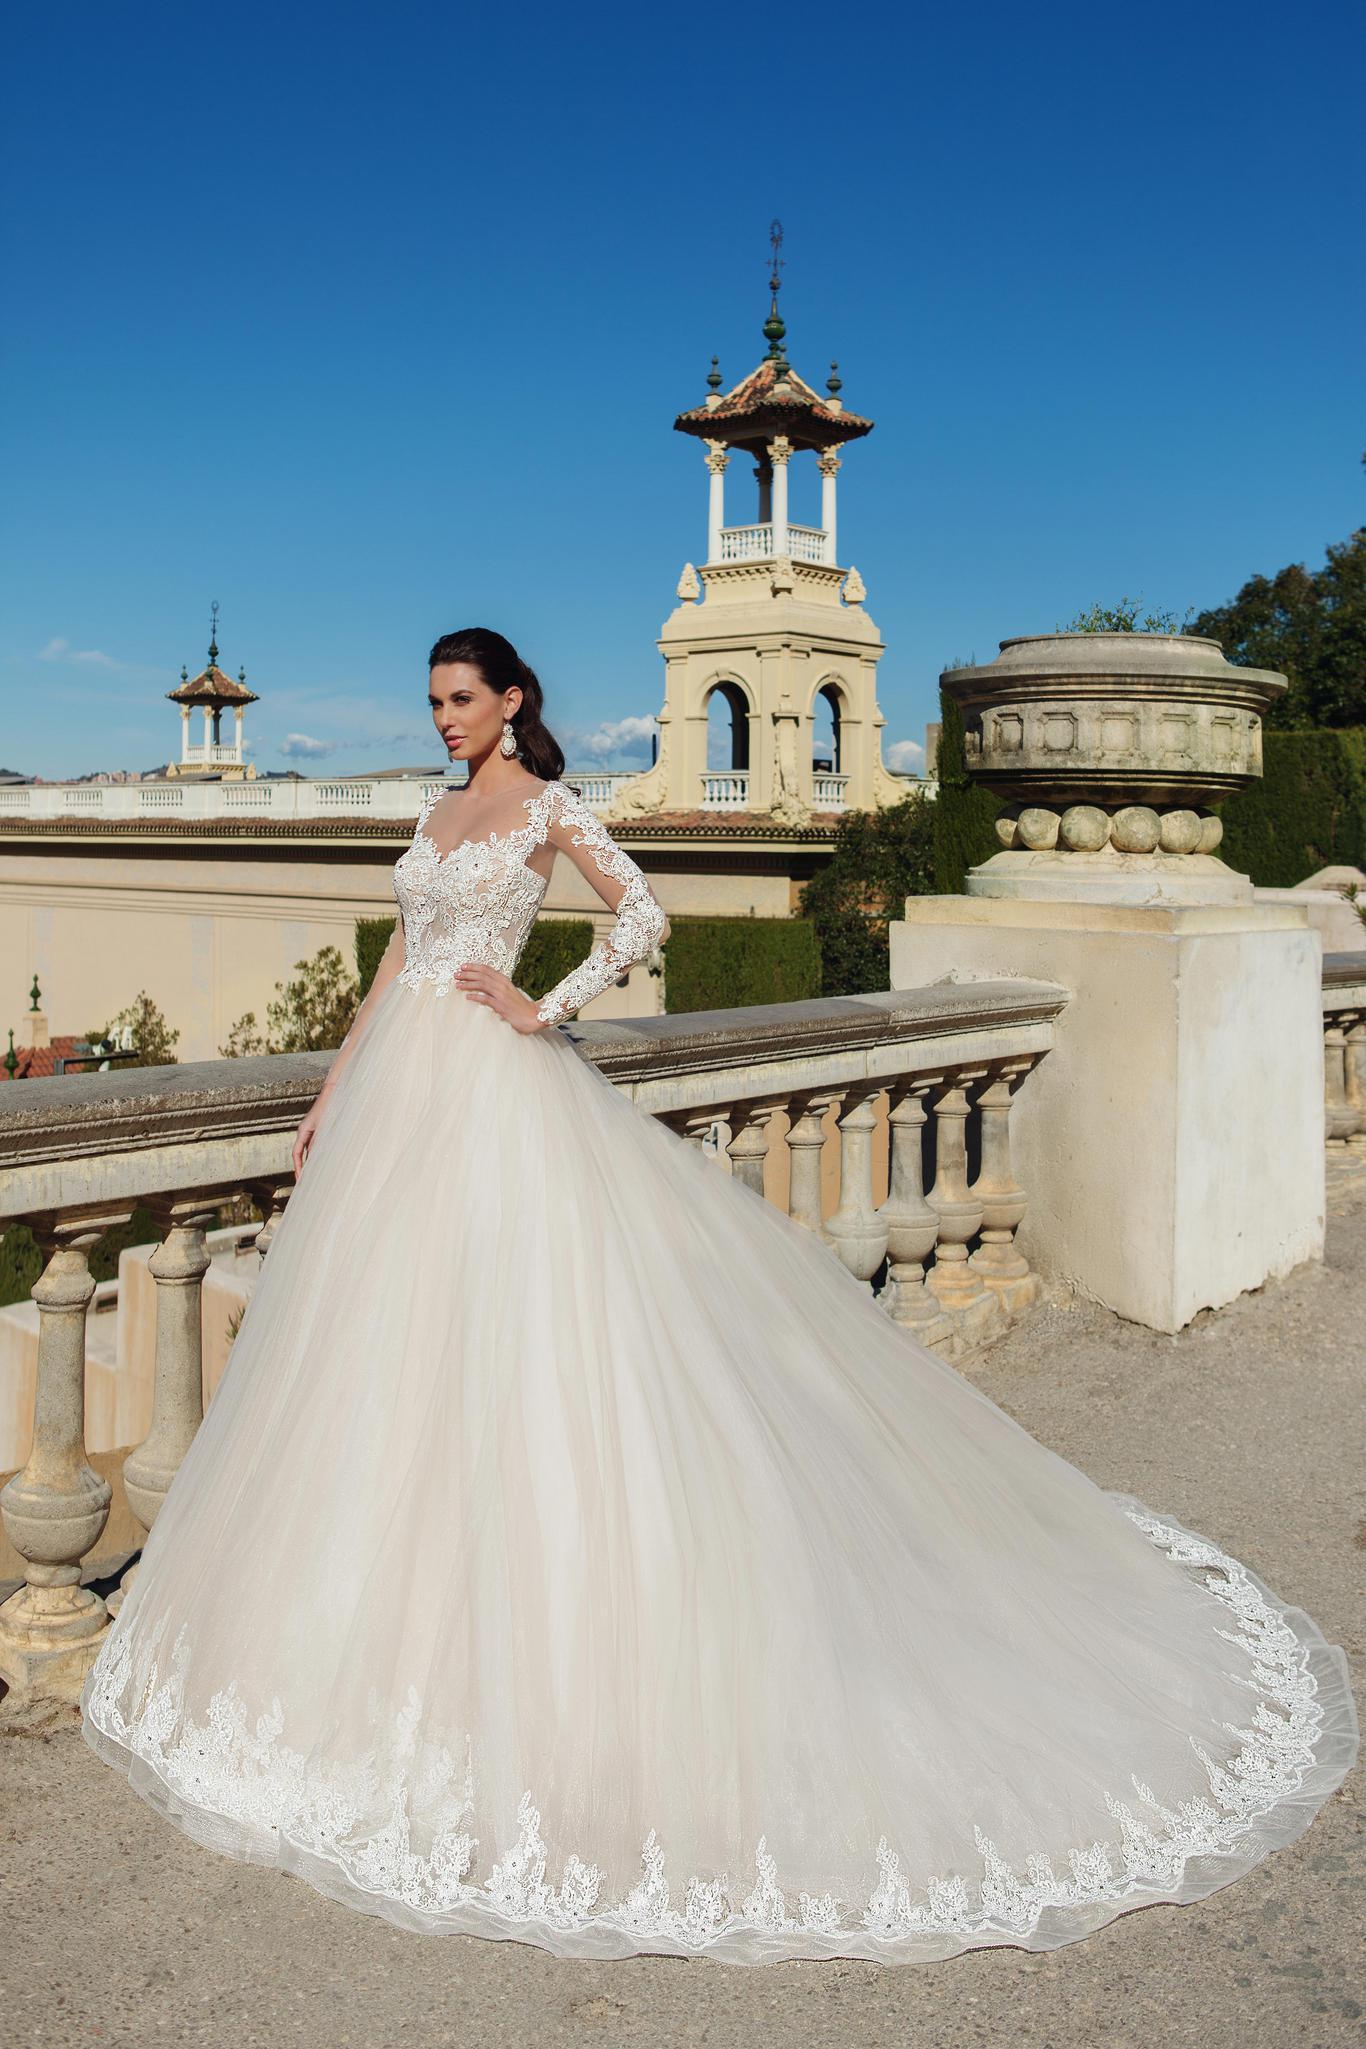 очаровательное свадебное платье - принцесса